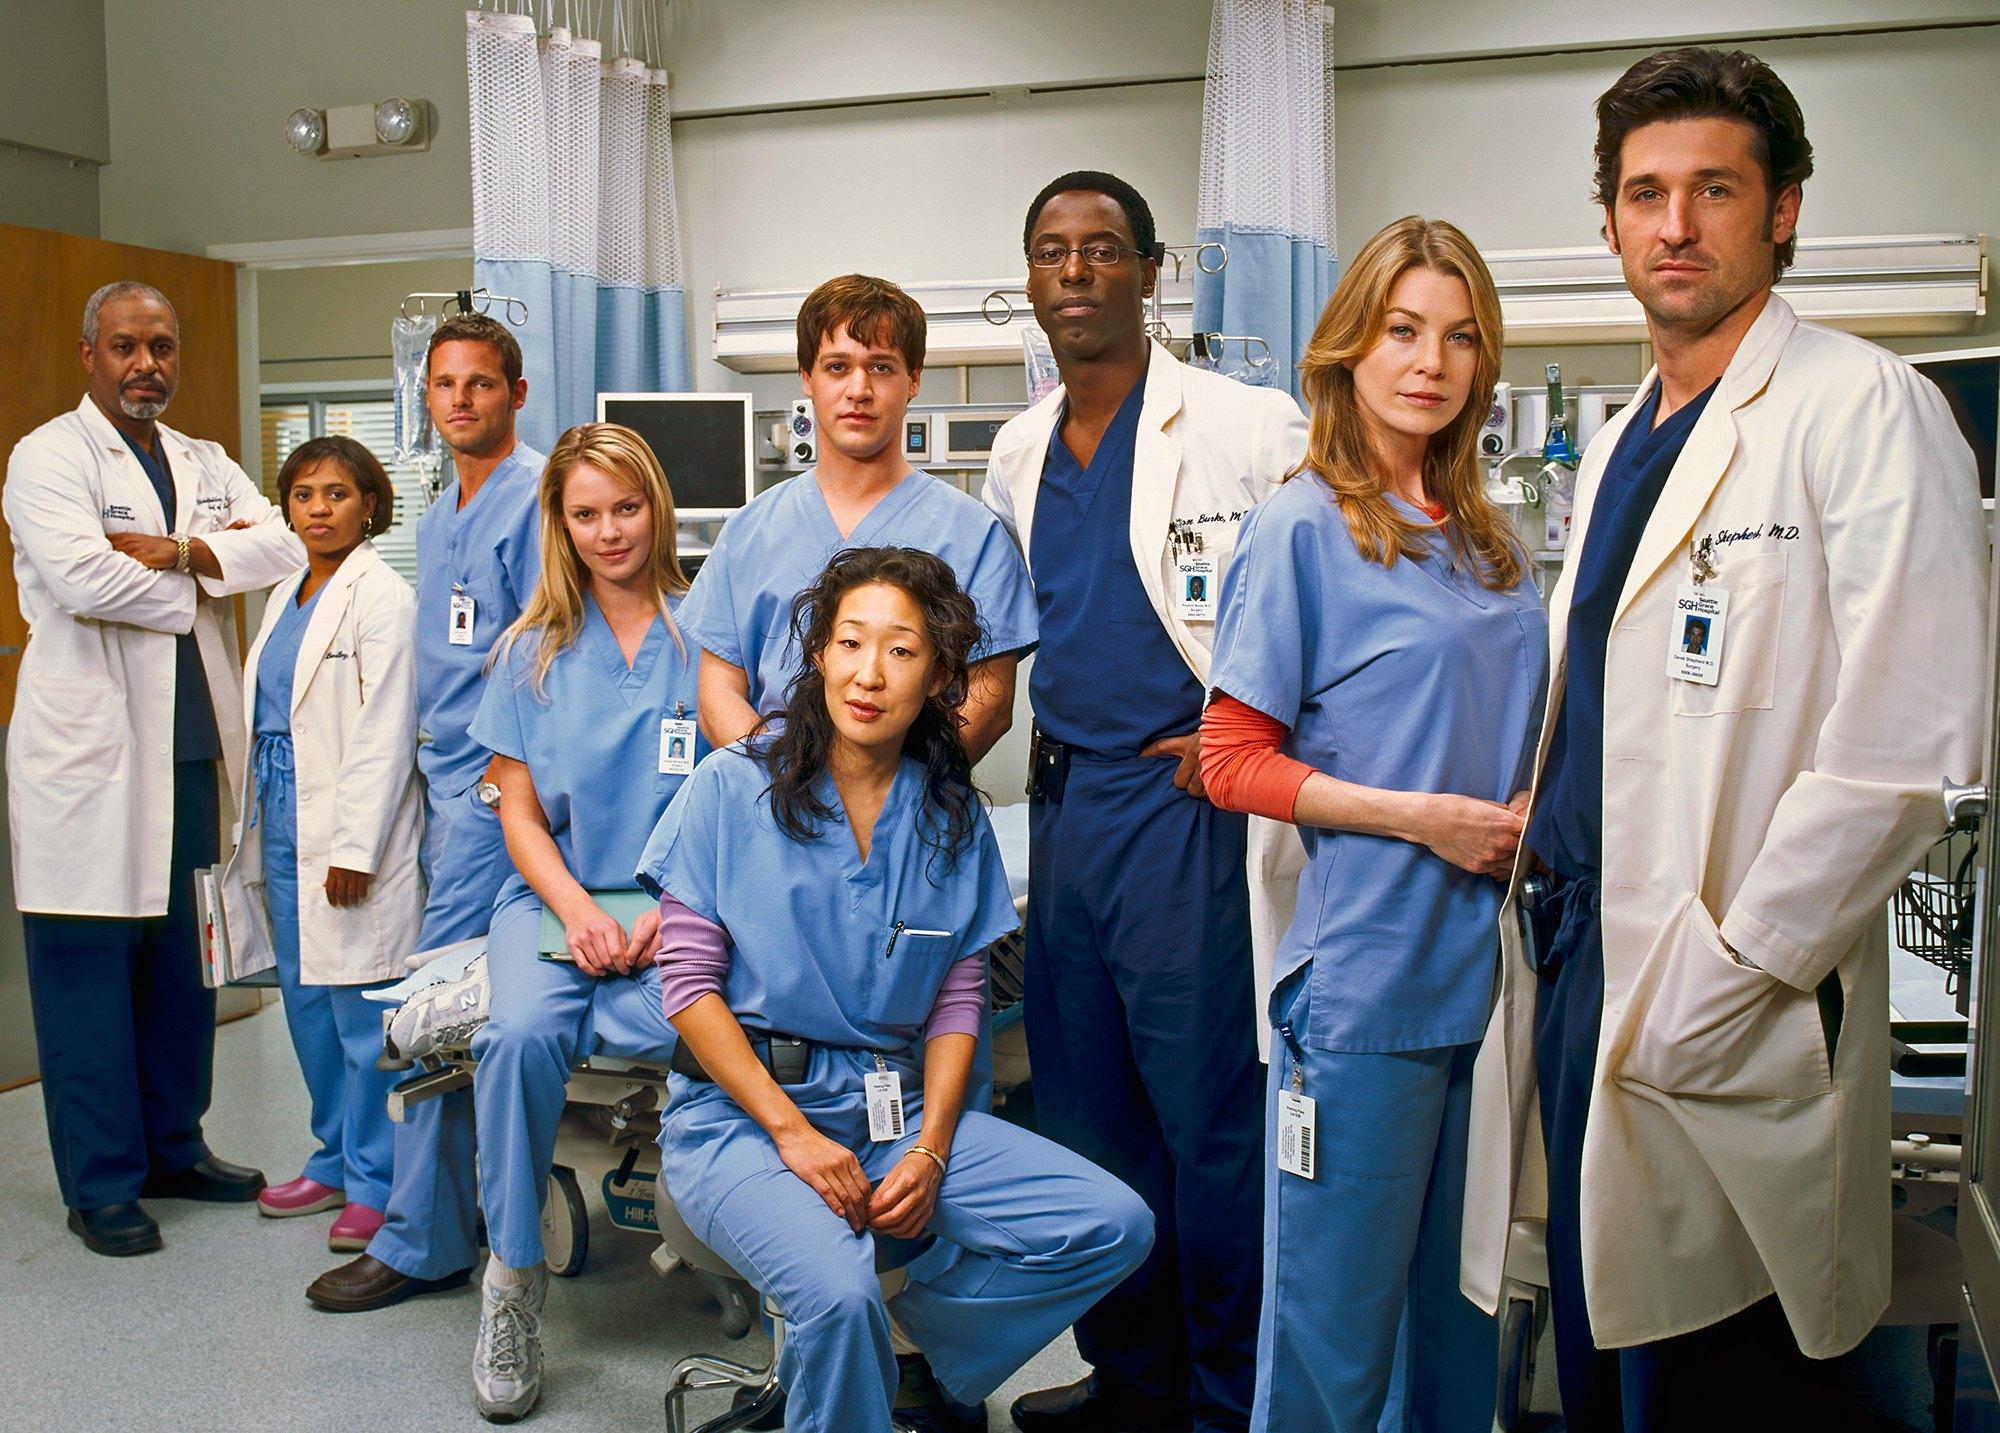 T.V. on TV: Grey's Anatomy & Entourage